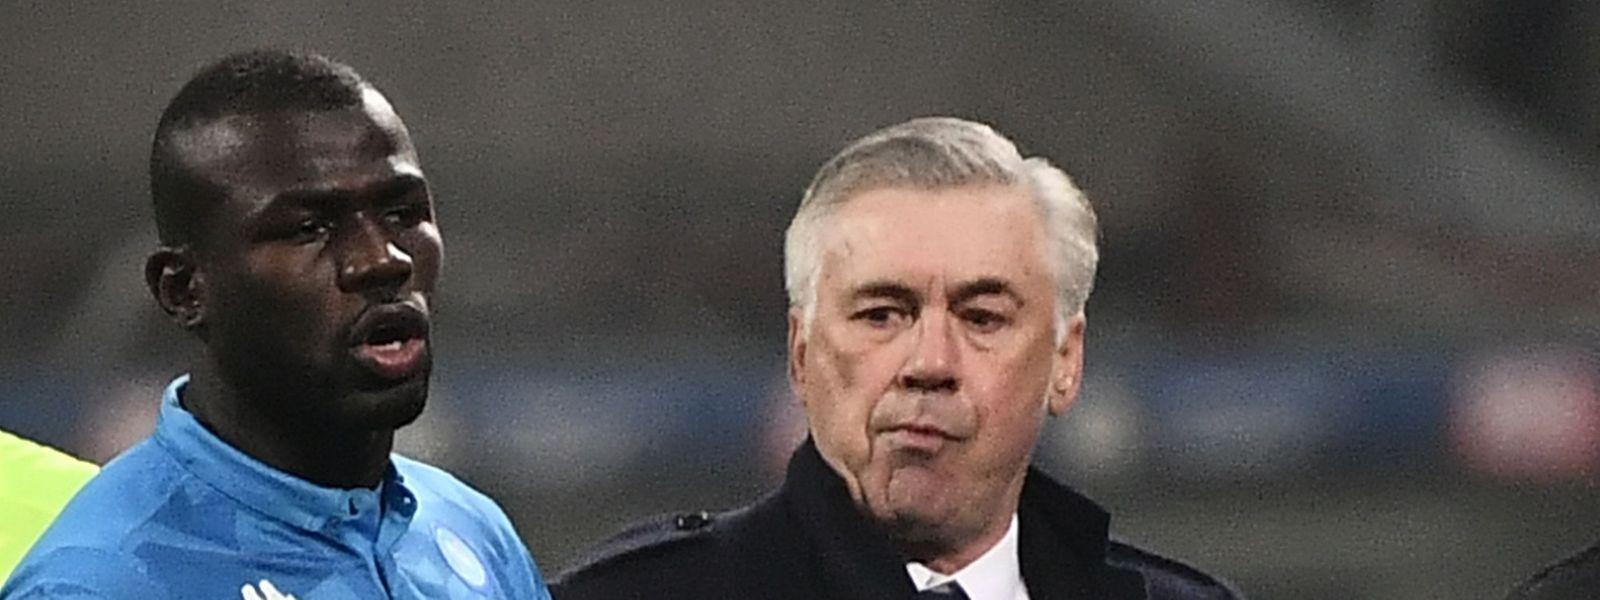 Kalidou Koulibaly (l.) flog in der 81.' nach einer Roten Karte vom Platz. Sein Trainer Carlo Ancelotti nahm den Spieler in Schutz.